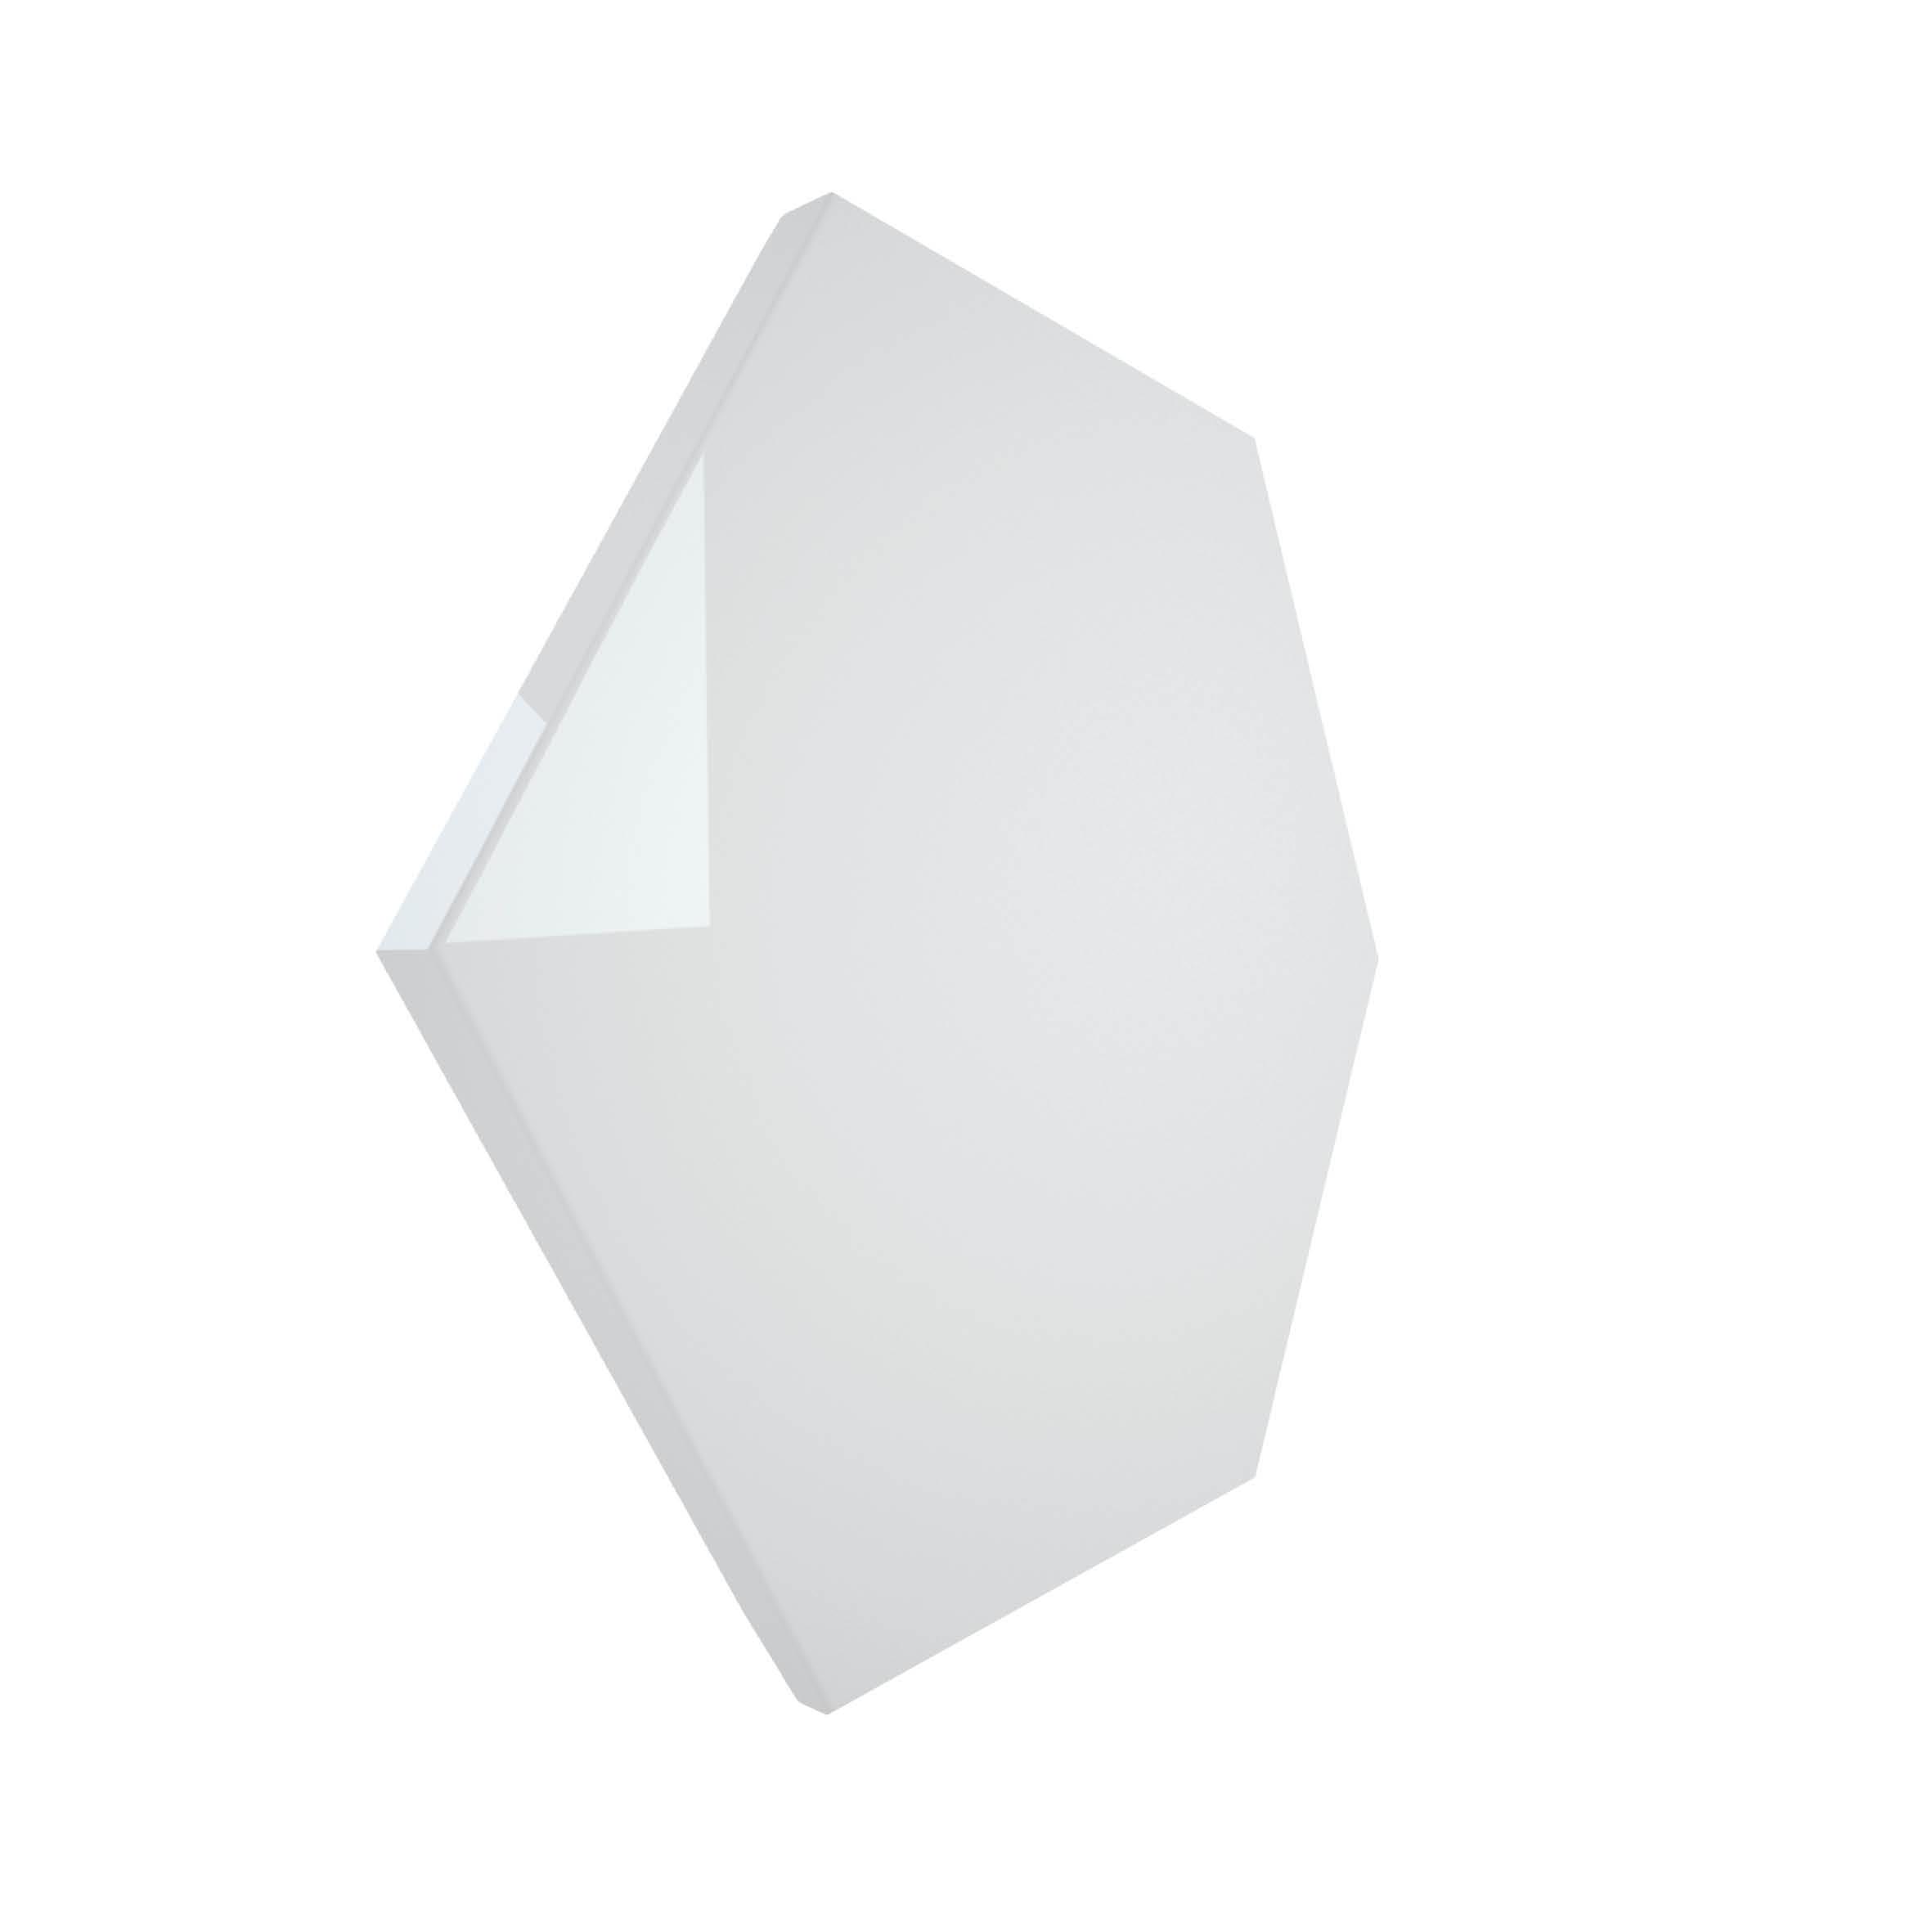 wow desogn heksagon na ściane nowoczesne wnęrze